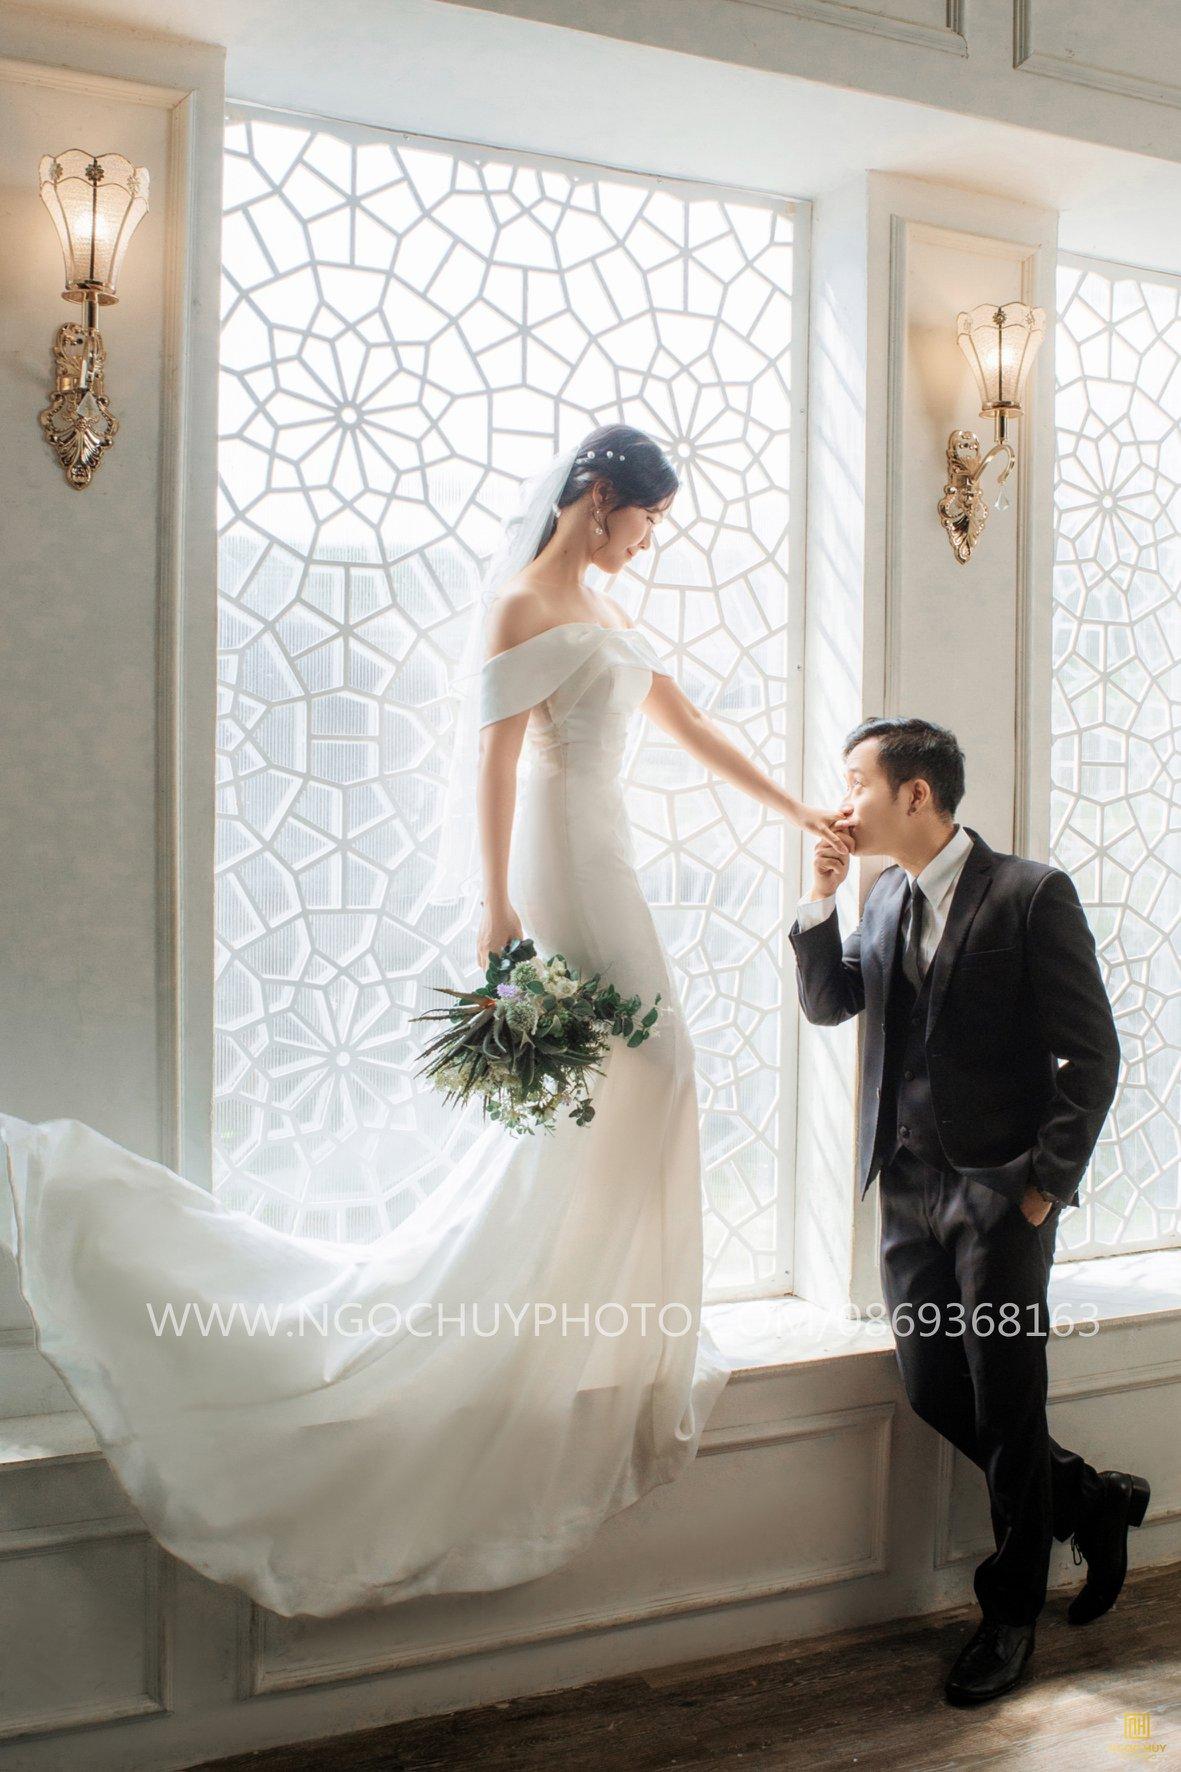 Ảnh cưới phim trường Ngọc Huy Studio 2